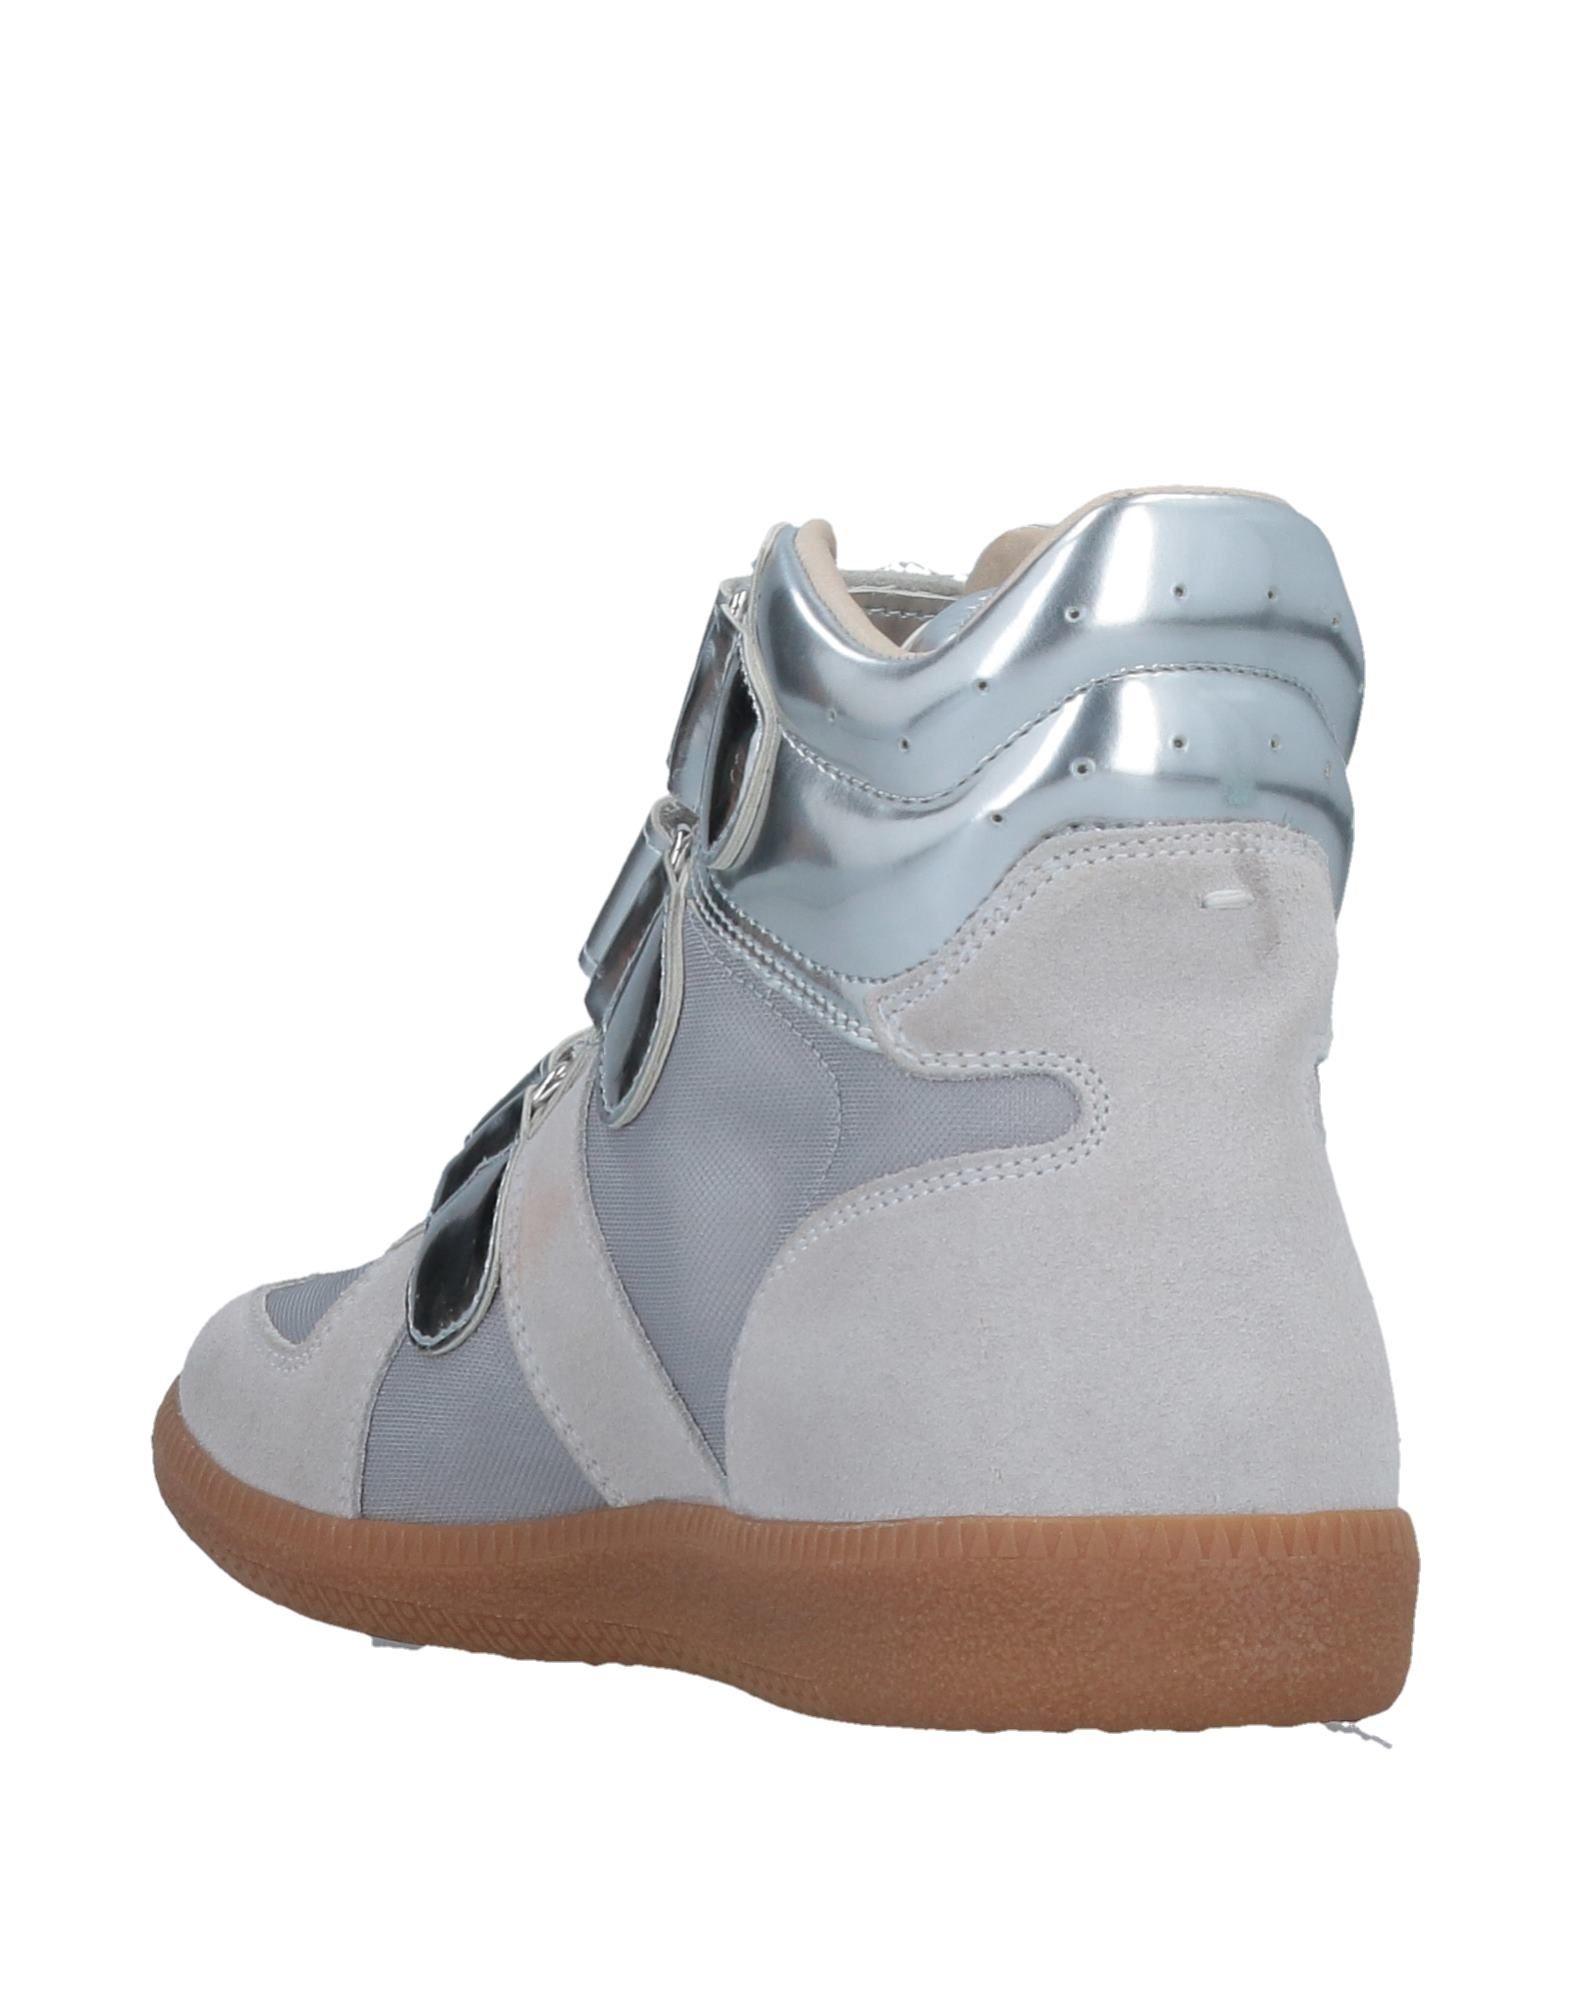 Rabatt Schuhe Maison Damen Margiela Sneakers Damen Maison  11503315NP 3f3c26